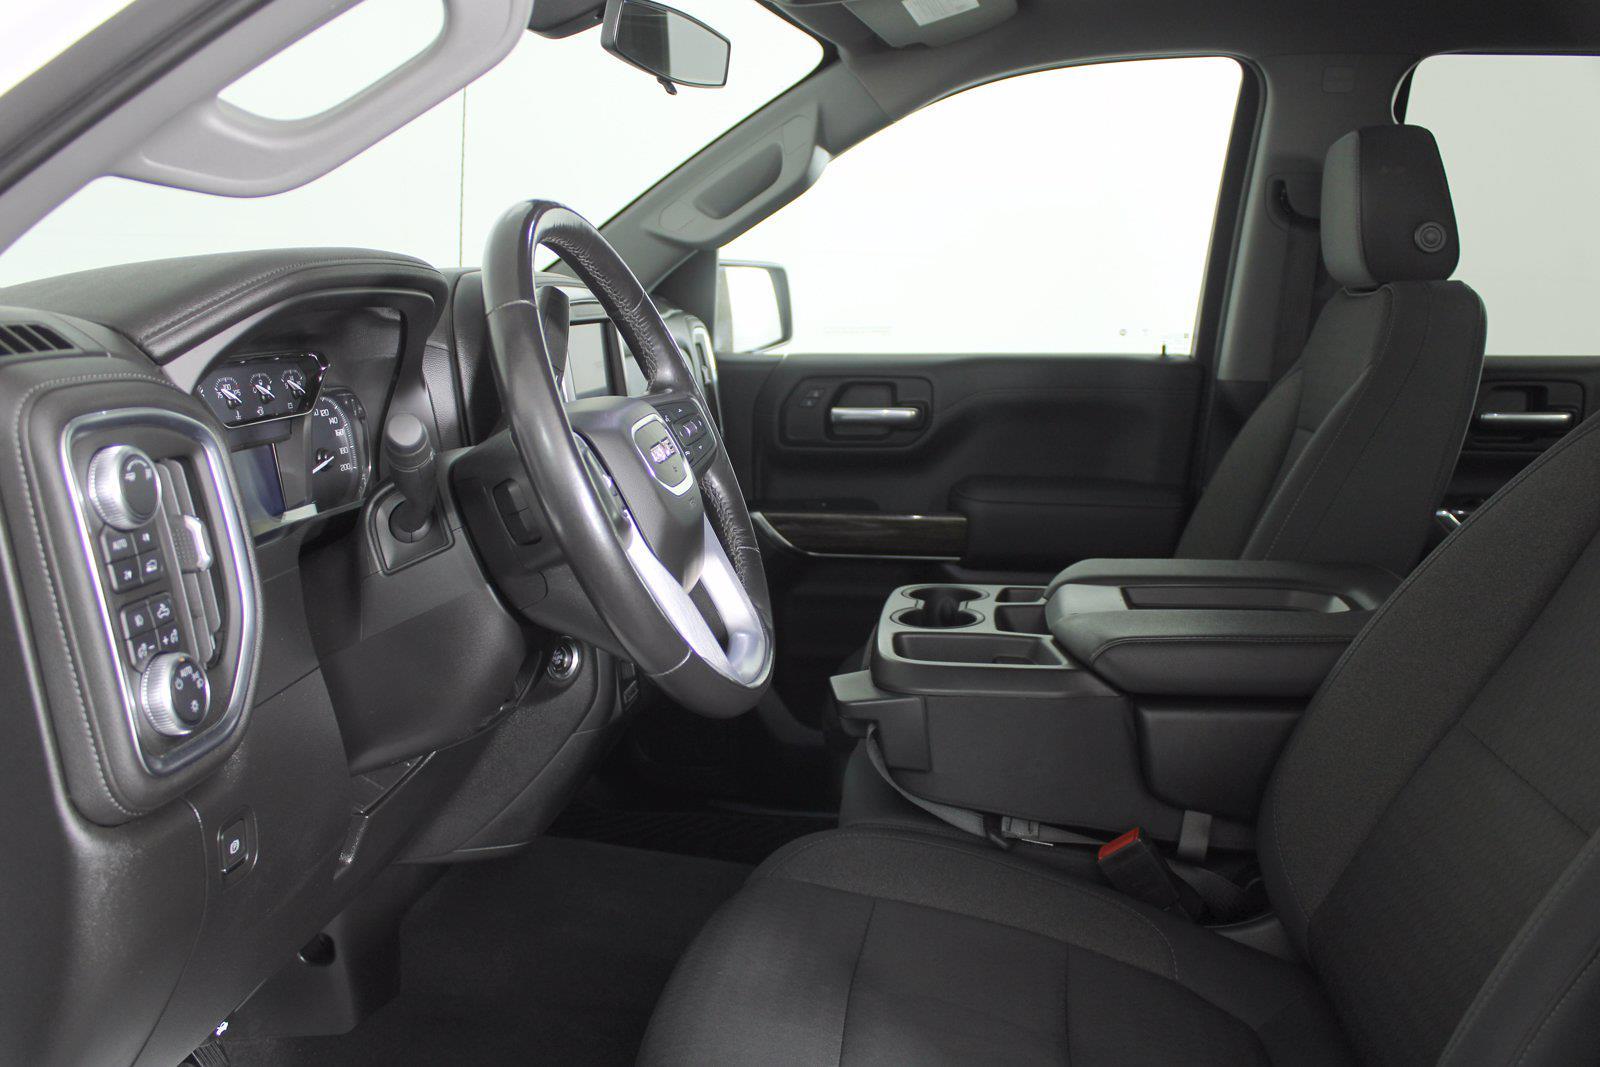 2019 GMC Sierra 1500 Crew Cab 4x4, Pickup #DAZ0523 - photo 4